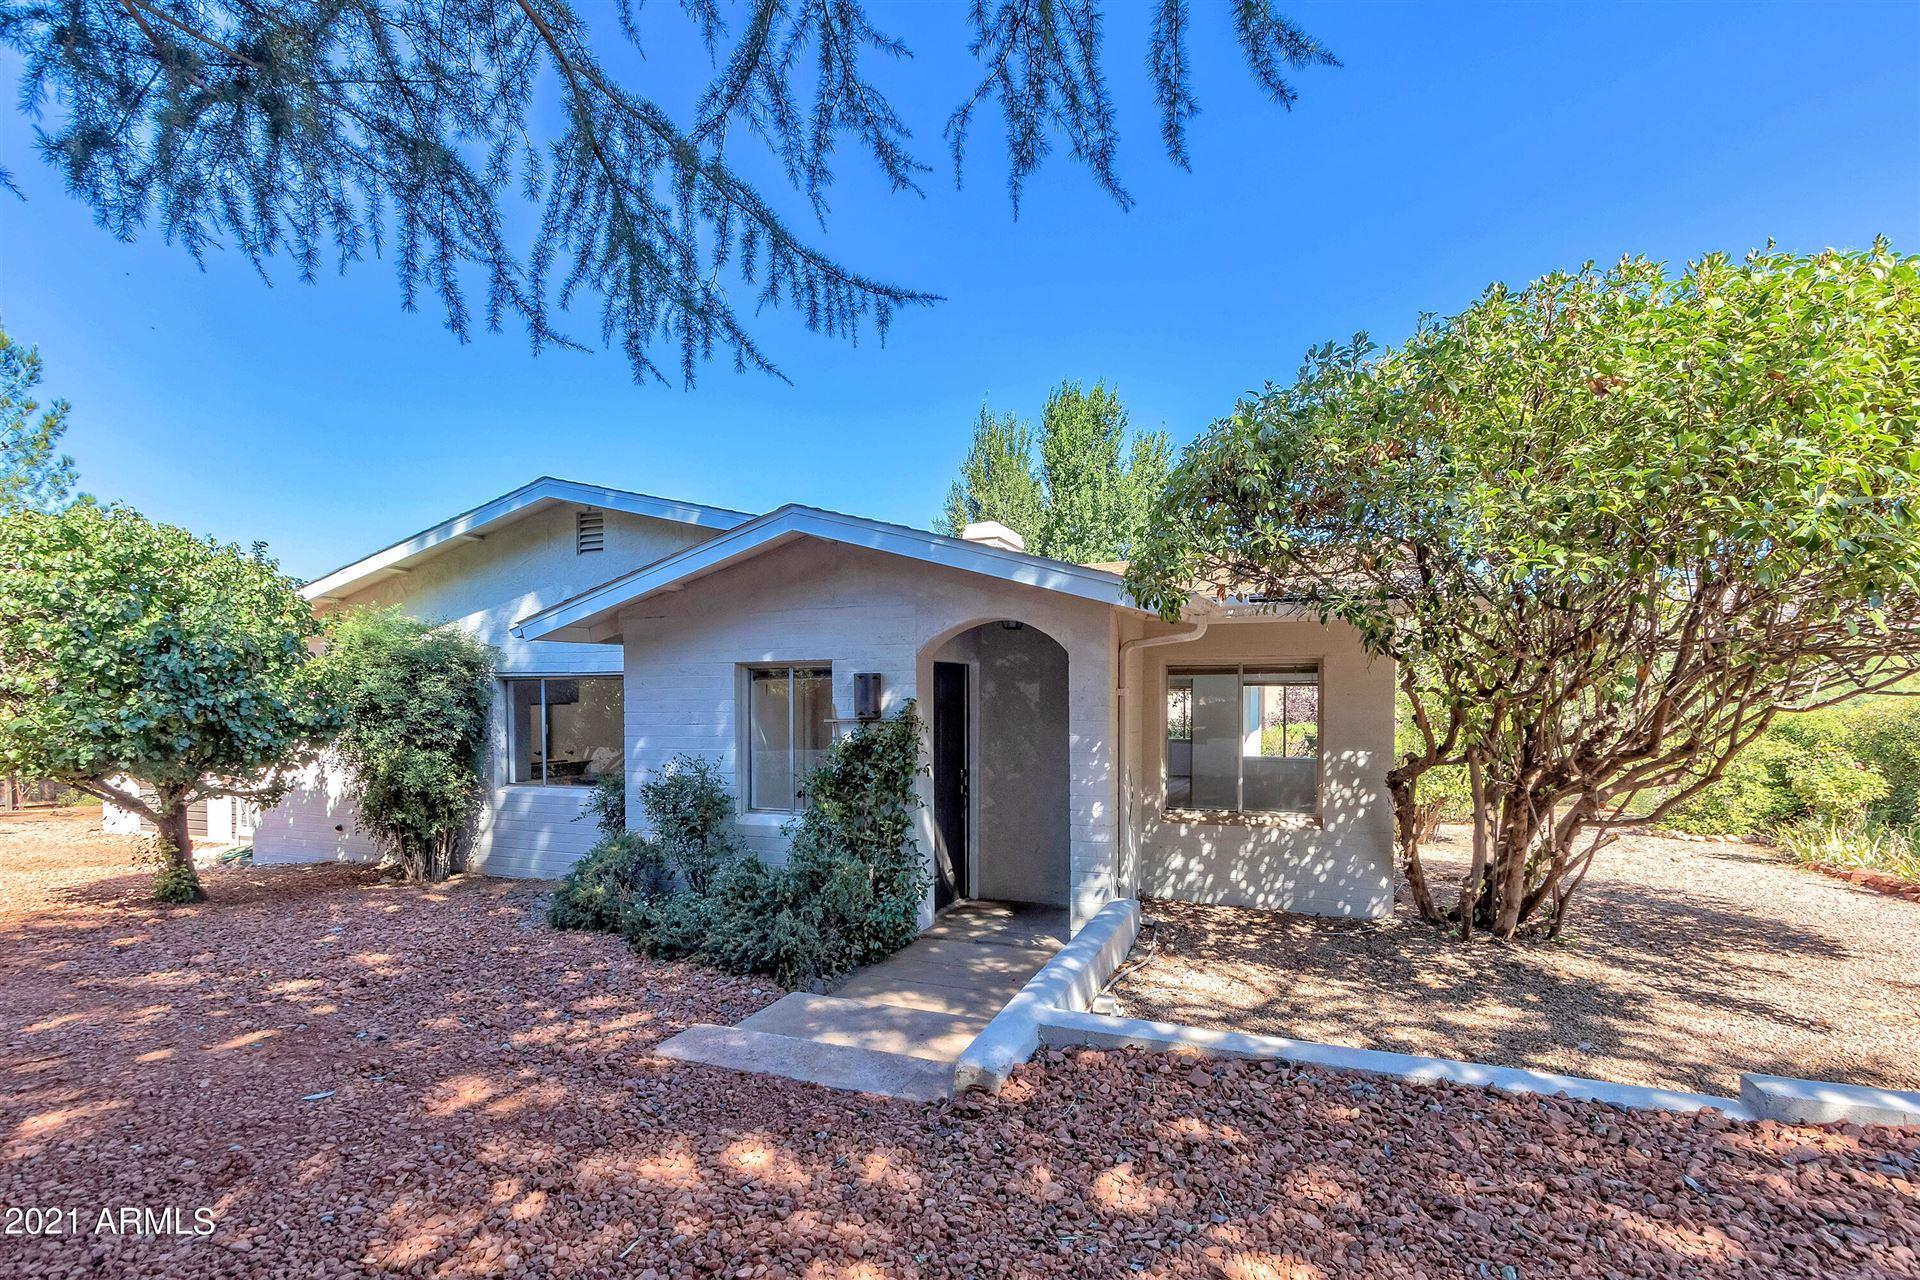 45 ROCKRIDGE Drive, Sedona, AZ 86336 - MLS#: 6297463